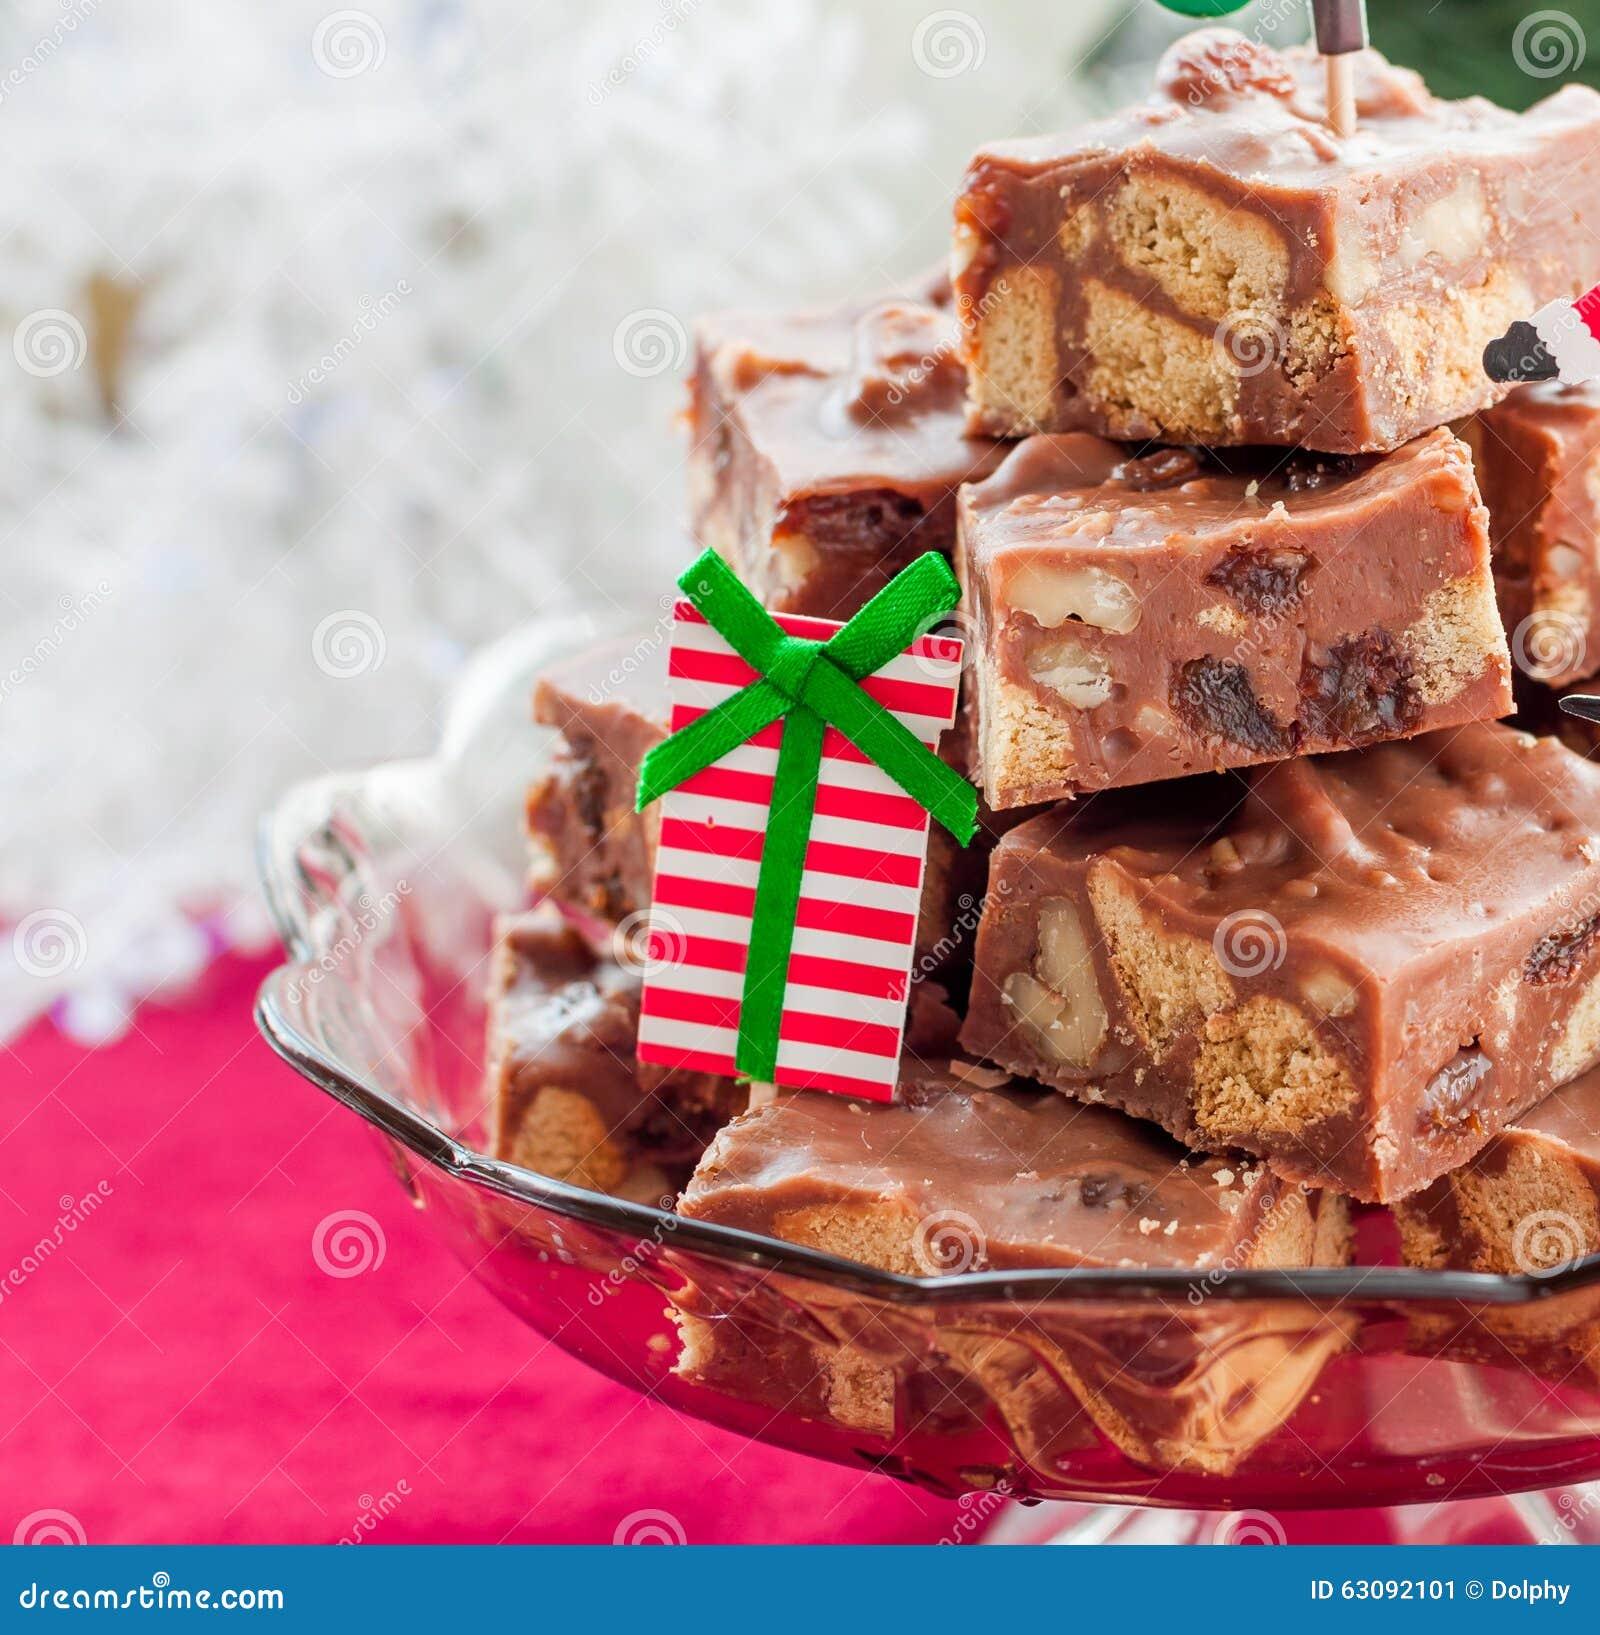 Download Tranches De Fondant De Chocolat De Noël Image stock - Image du condensé, raisin: 63092101